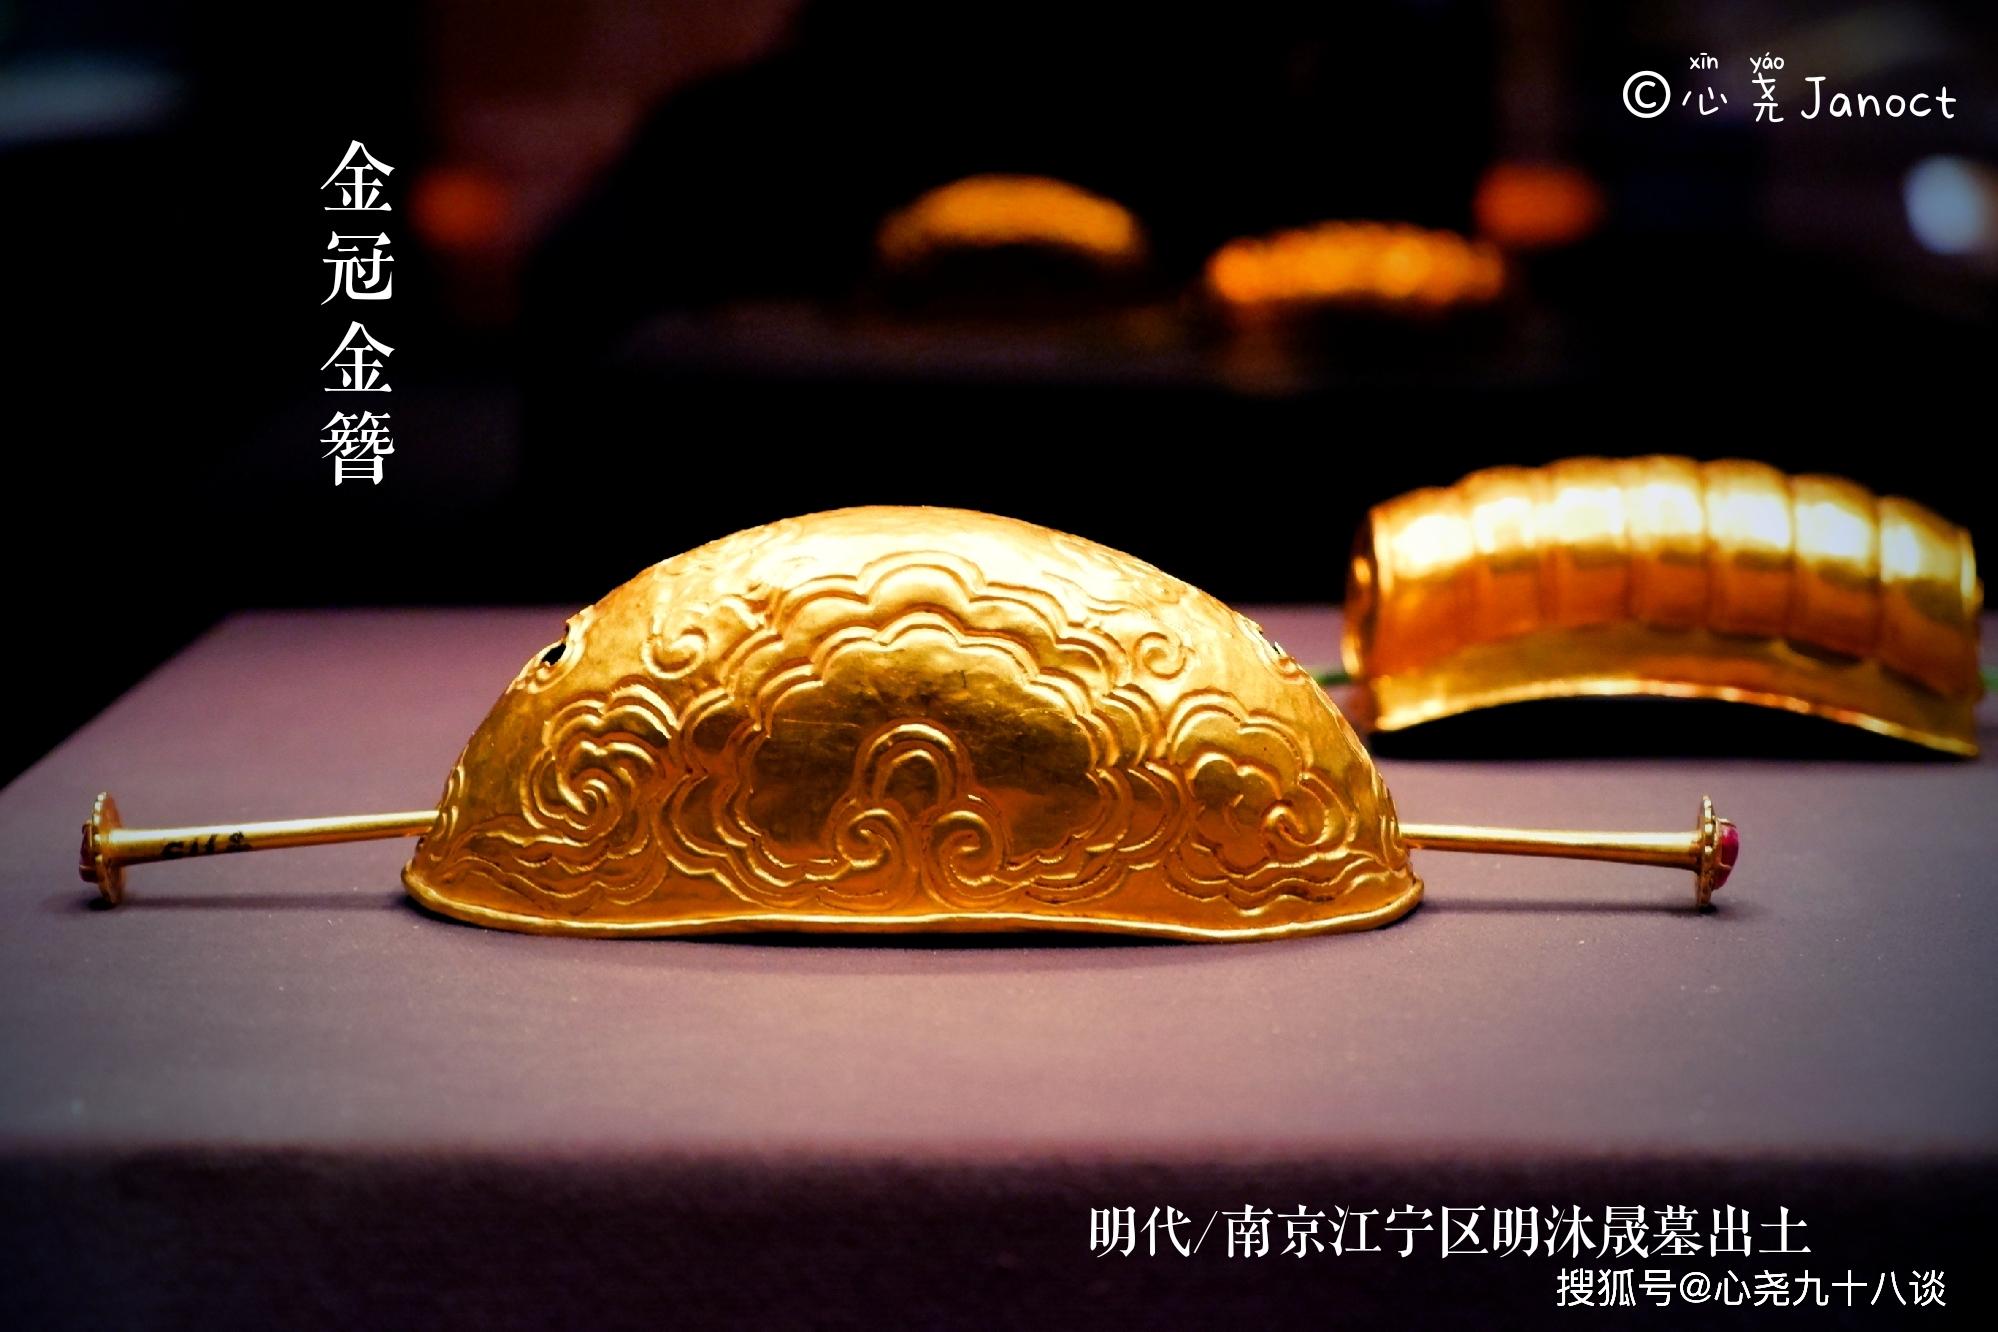 【记录北京】从南京到北京,去首都博物馆看京城变迁